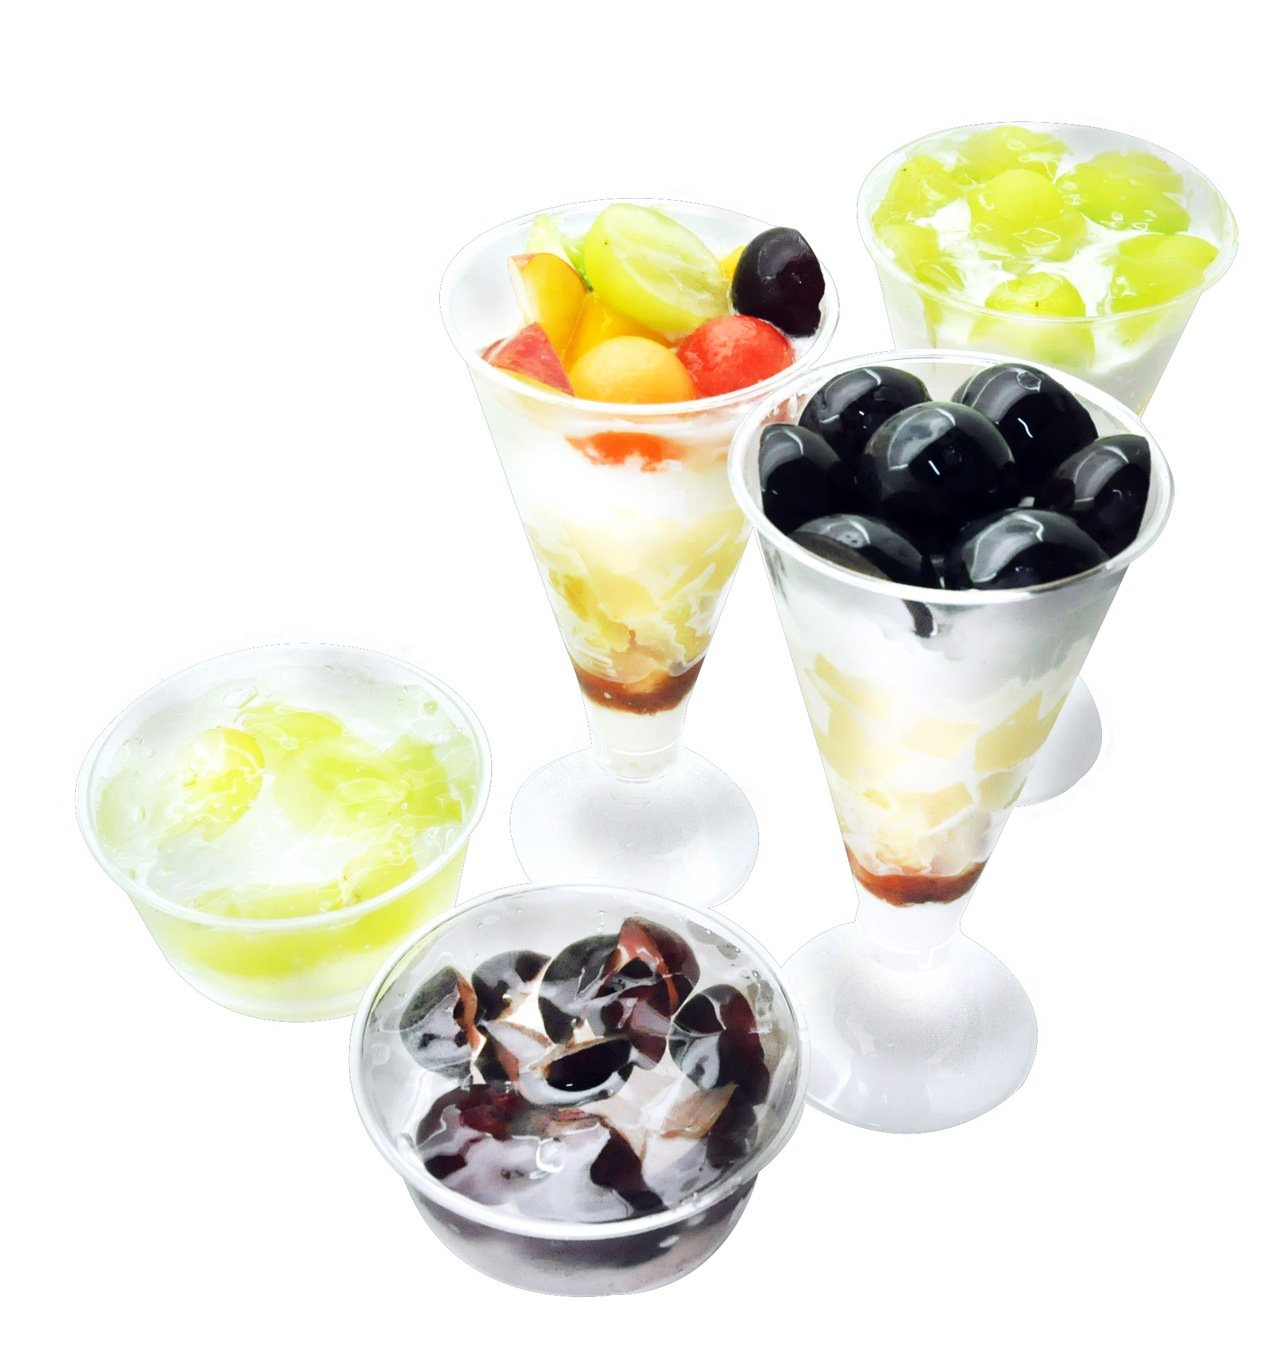 「旬果屋」以當季的岡山葡萄為主角,量身打造精緻手作水果甜點,在微風南山旗艦店特別...